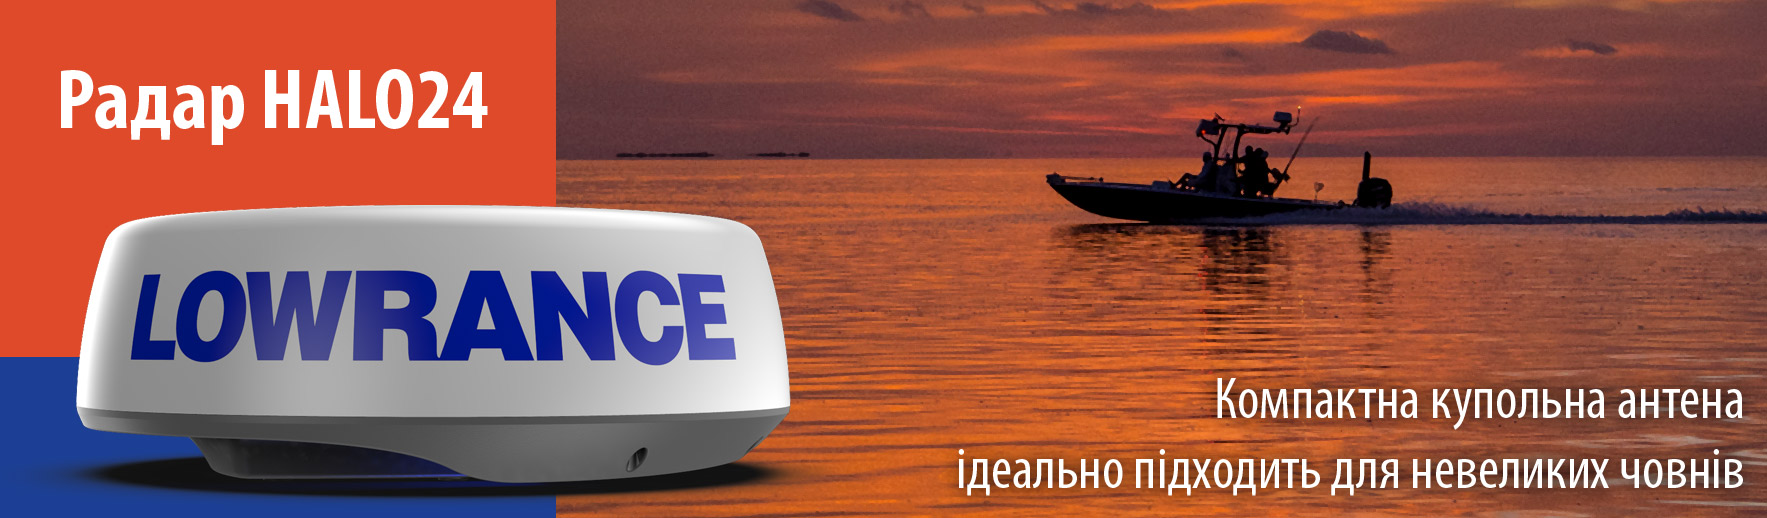 Морський радар HALO24 від Lowrance працює в режимі реального часу на ближніх дистанціях з частотою обертів антени 60 об/хв